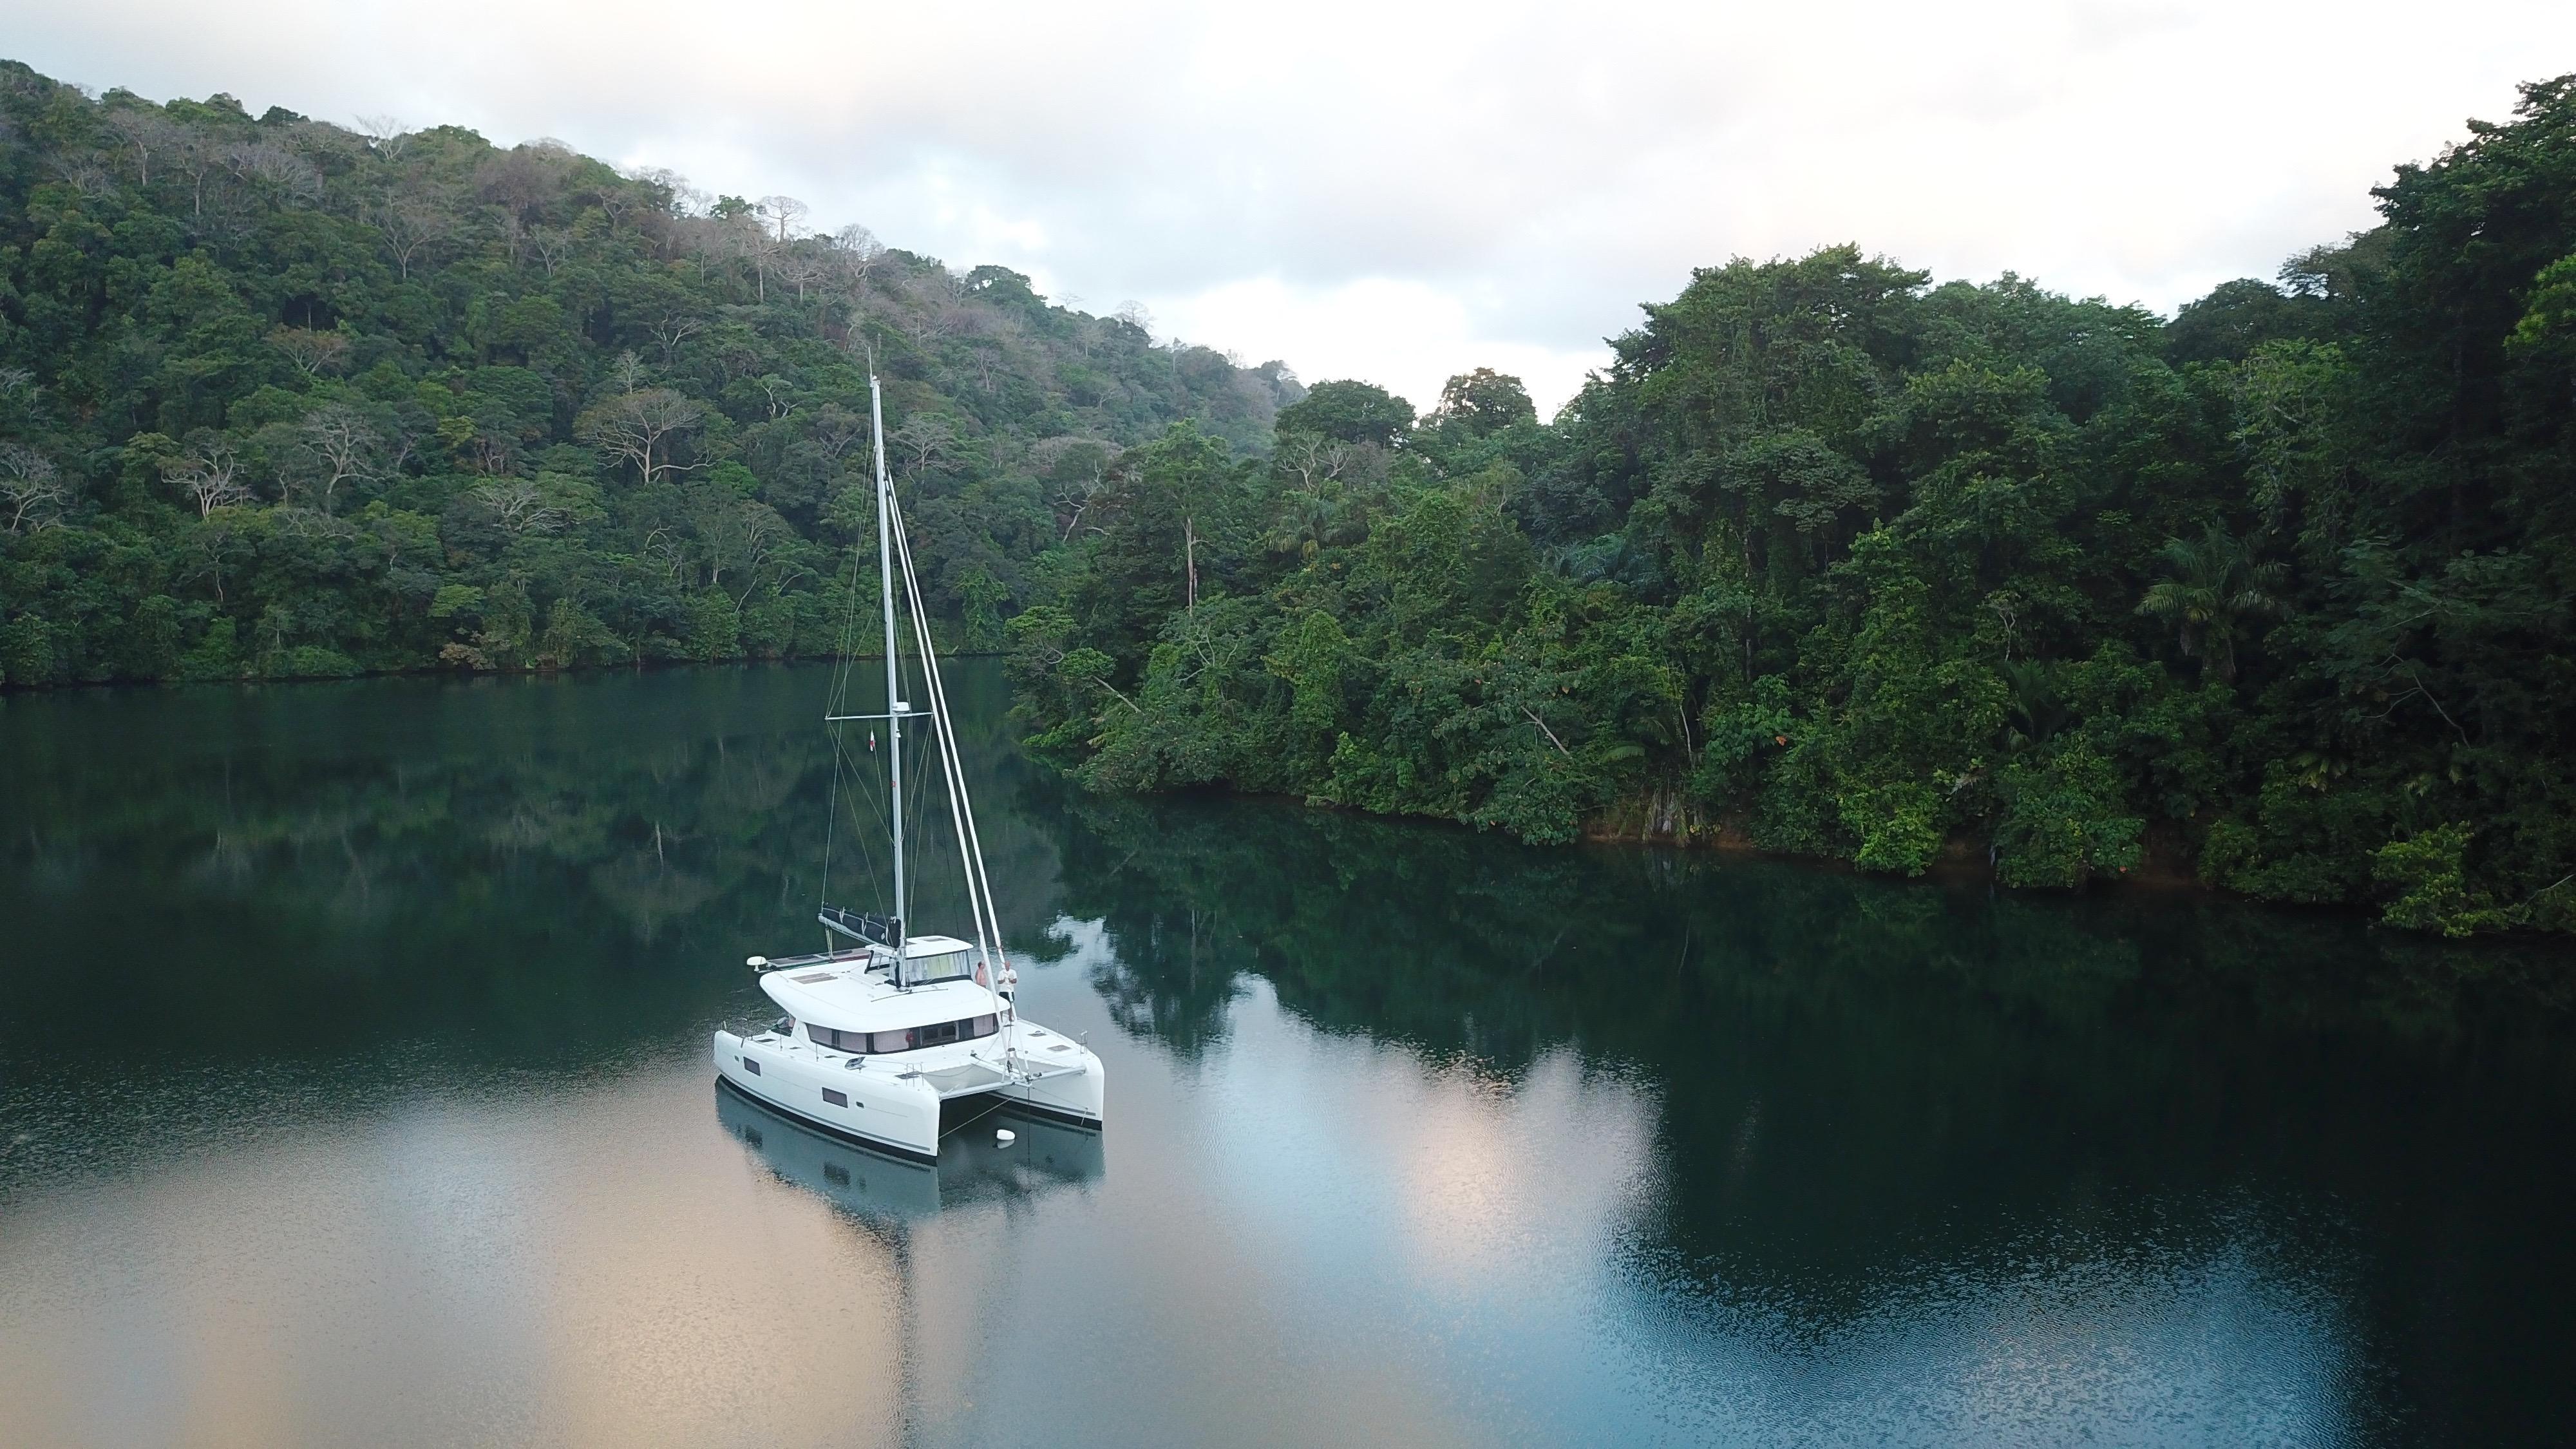 The Chagres river in Panama is stunning. We sailed the river in February 2019, before we went through the Panama Canal. // Chagreselven i Panama er nydelig å seile inn i. Her var vi i februar 2019, før vi seilte gjennom Panamakanalen.